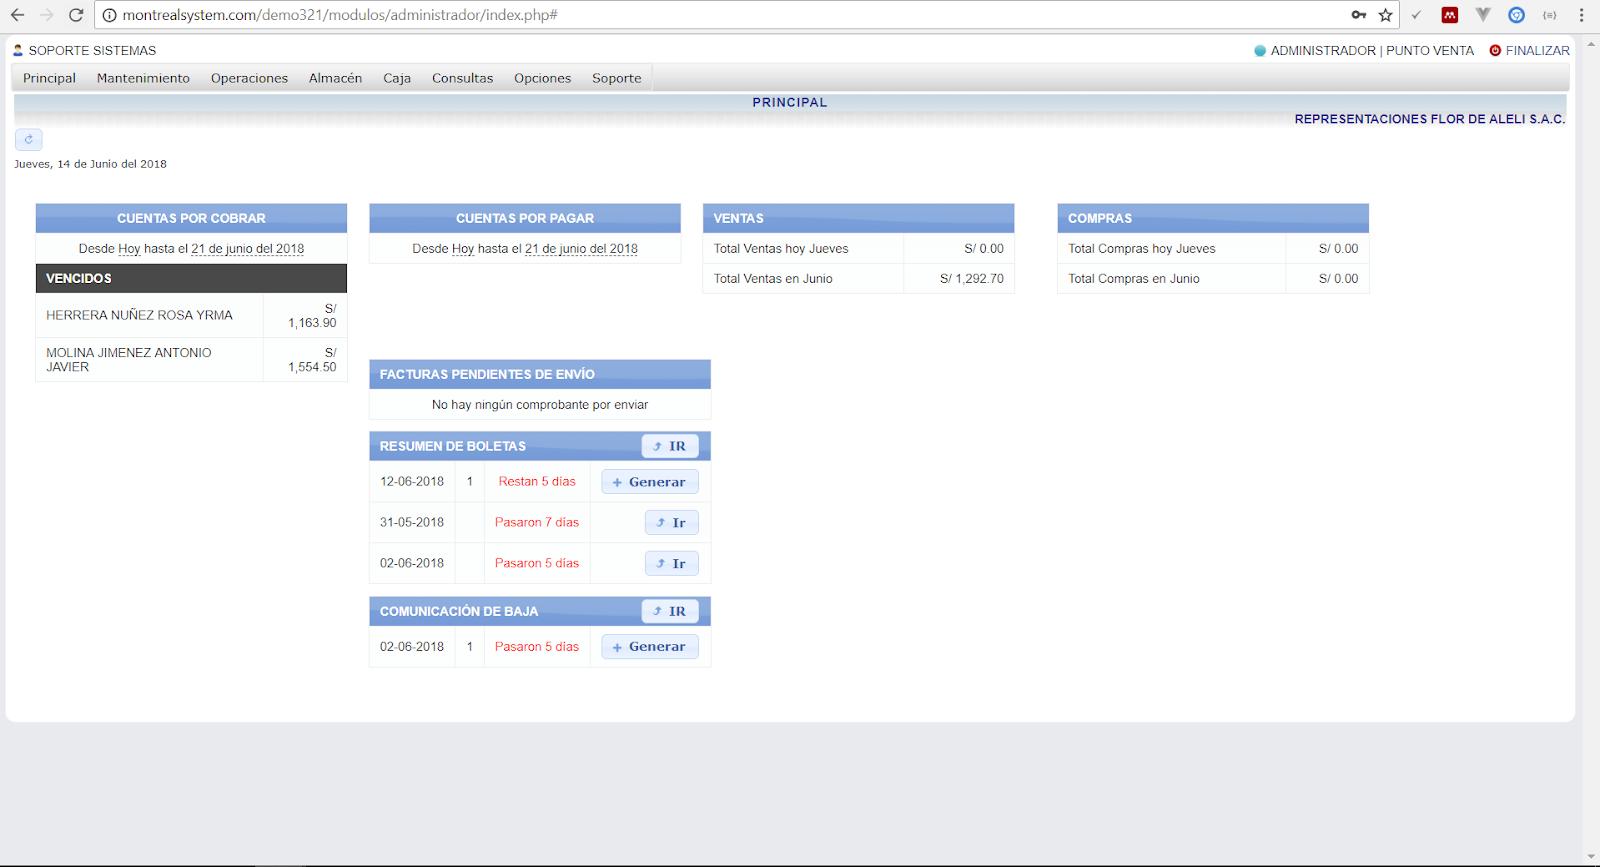 Sistema comercial (compras, ventas) logístico integrado con ...